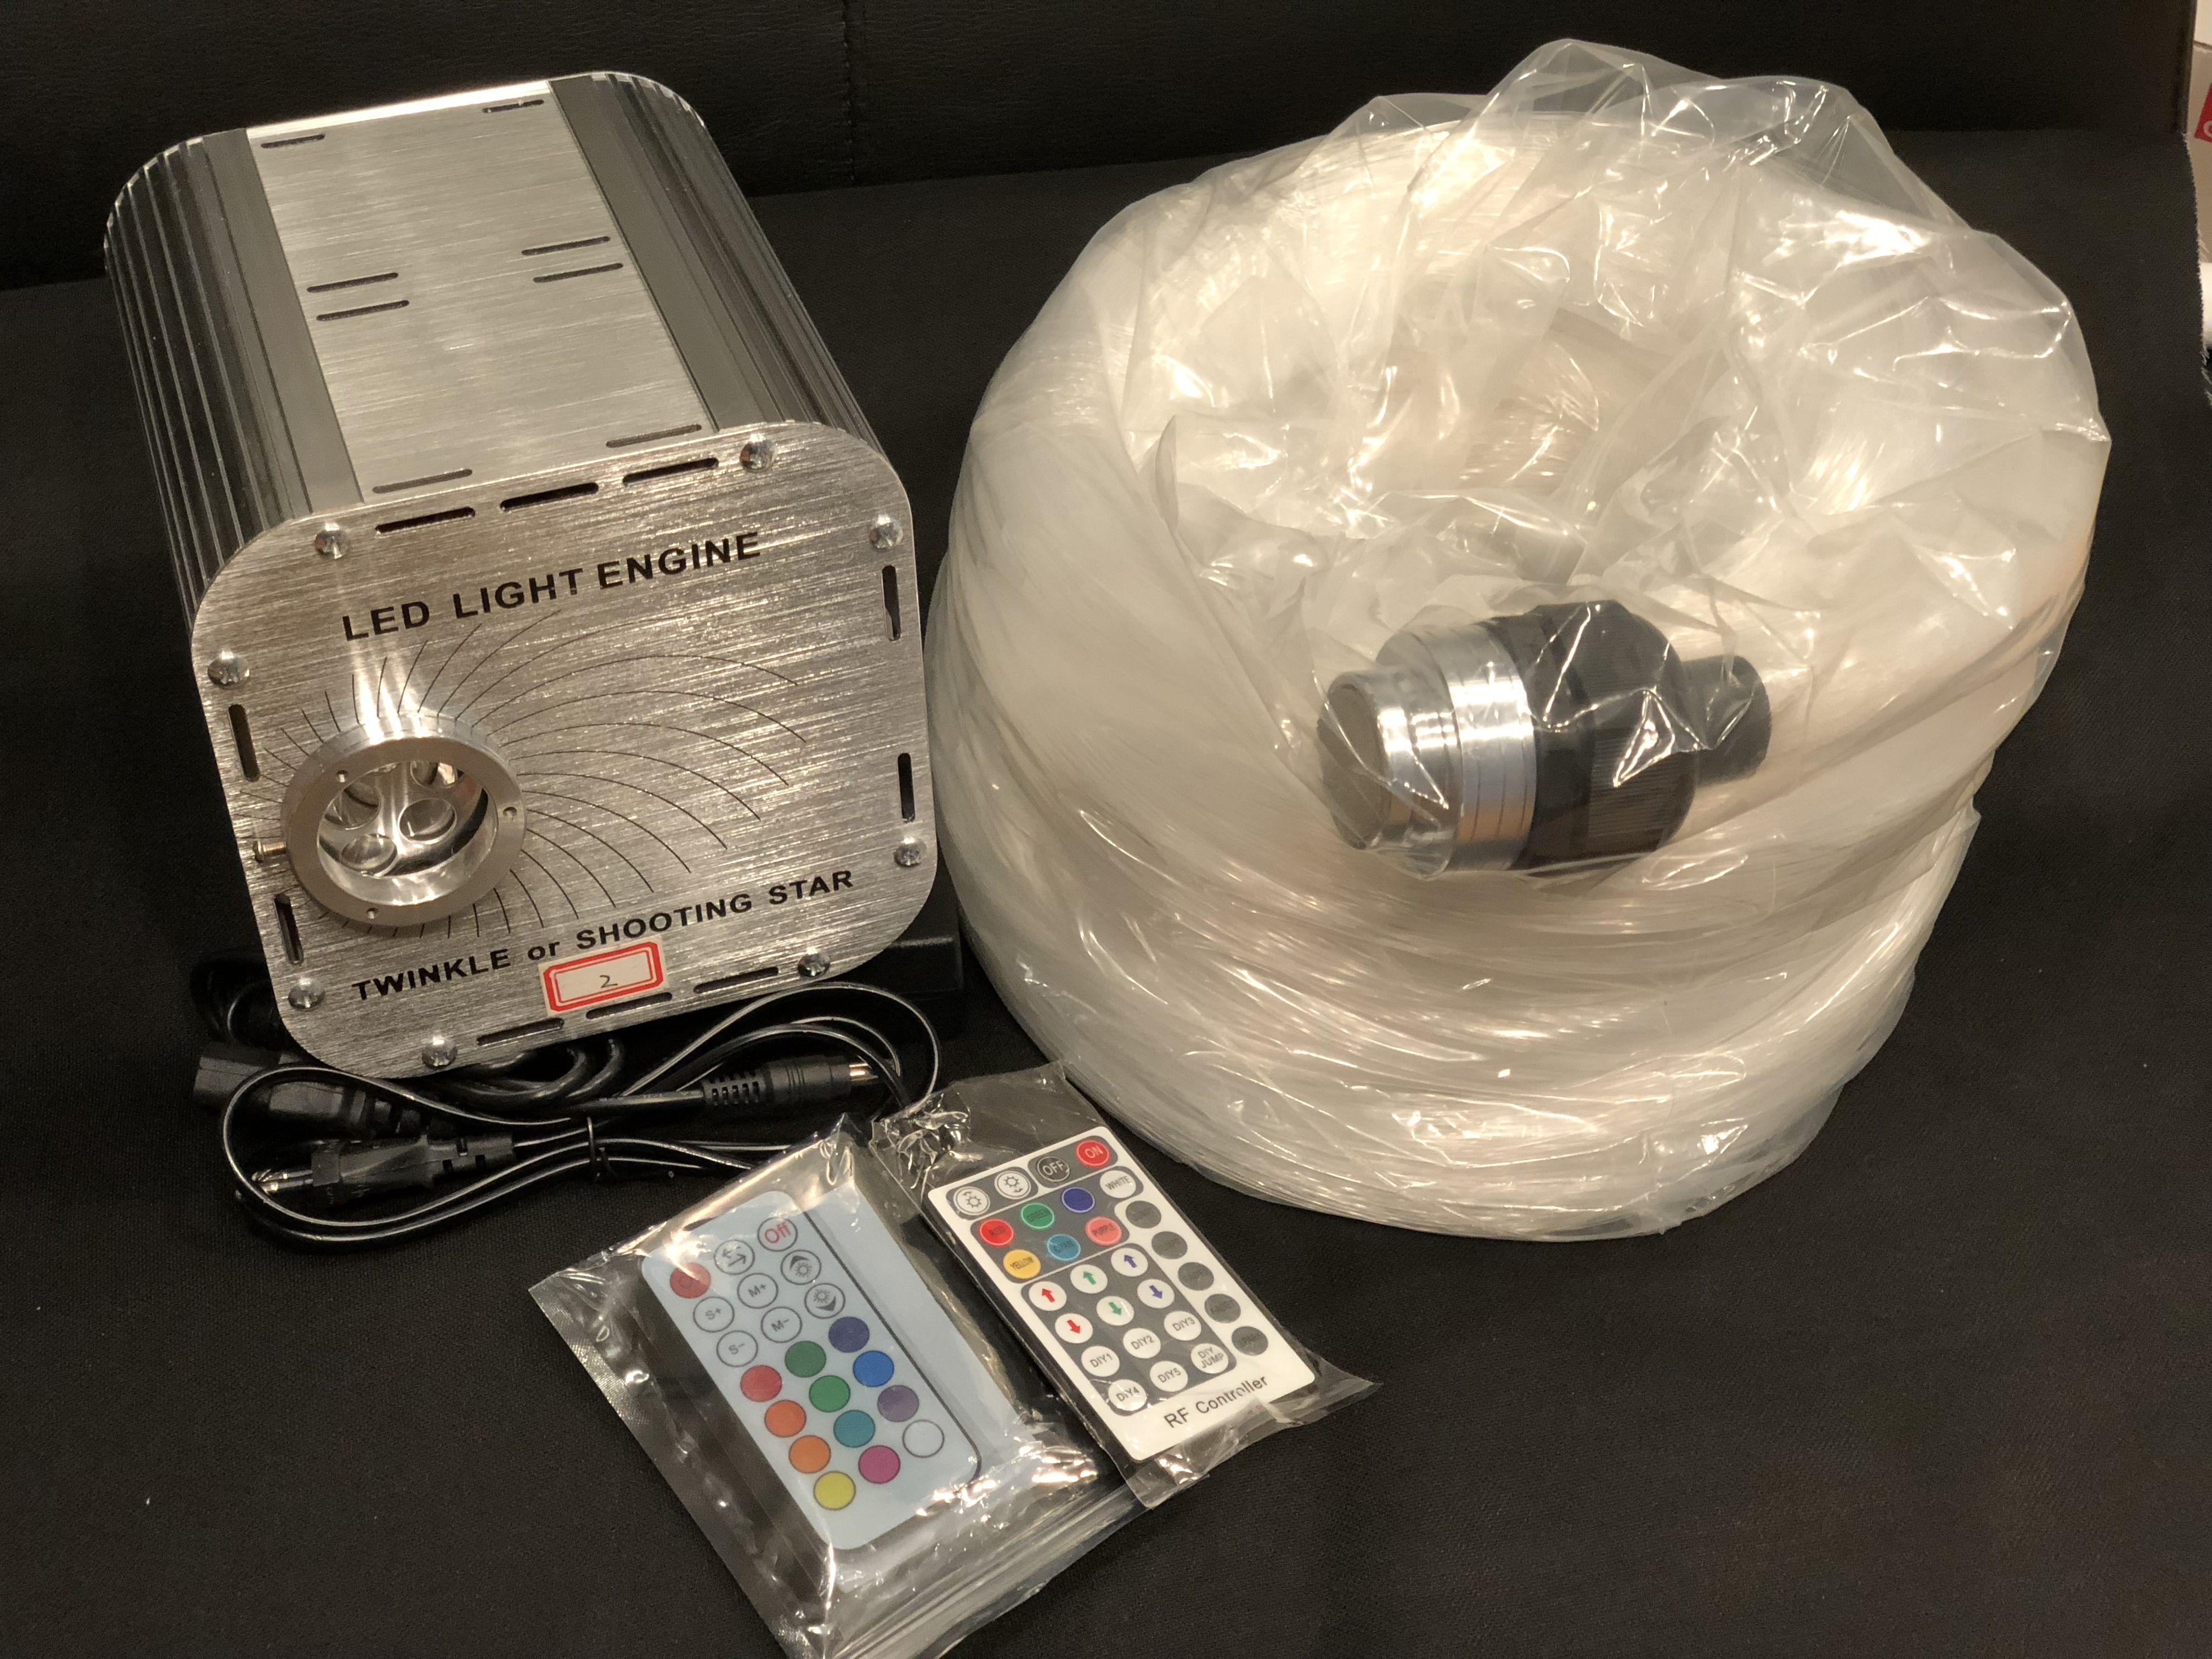 OEM Stjernehimmel m. 45W LED engine og wifi styring / 537 fiber på 6m for <36kvm tak